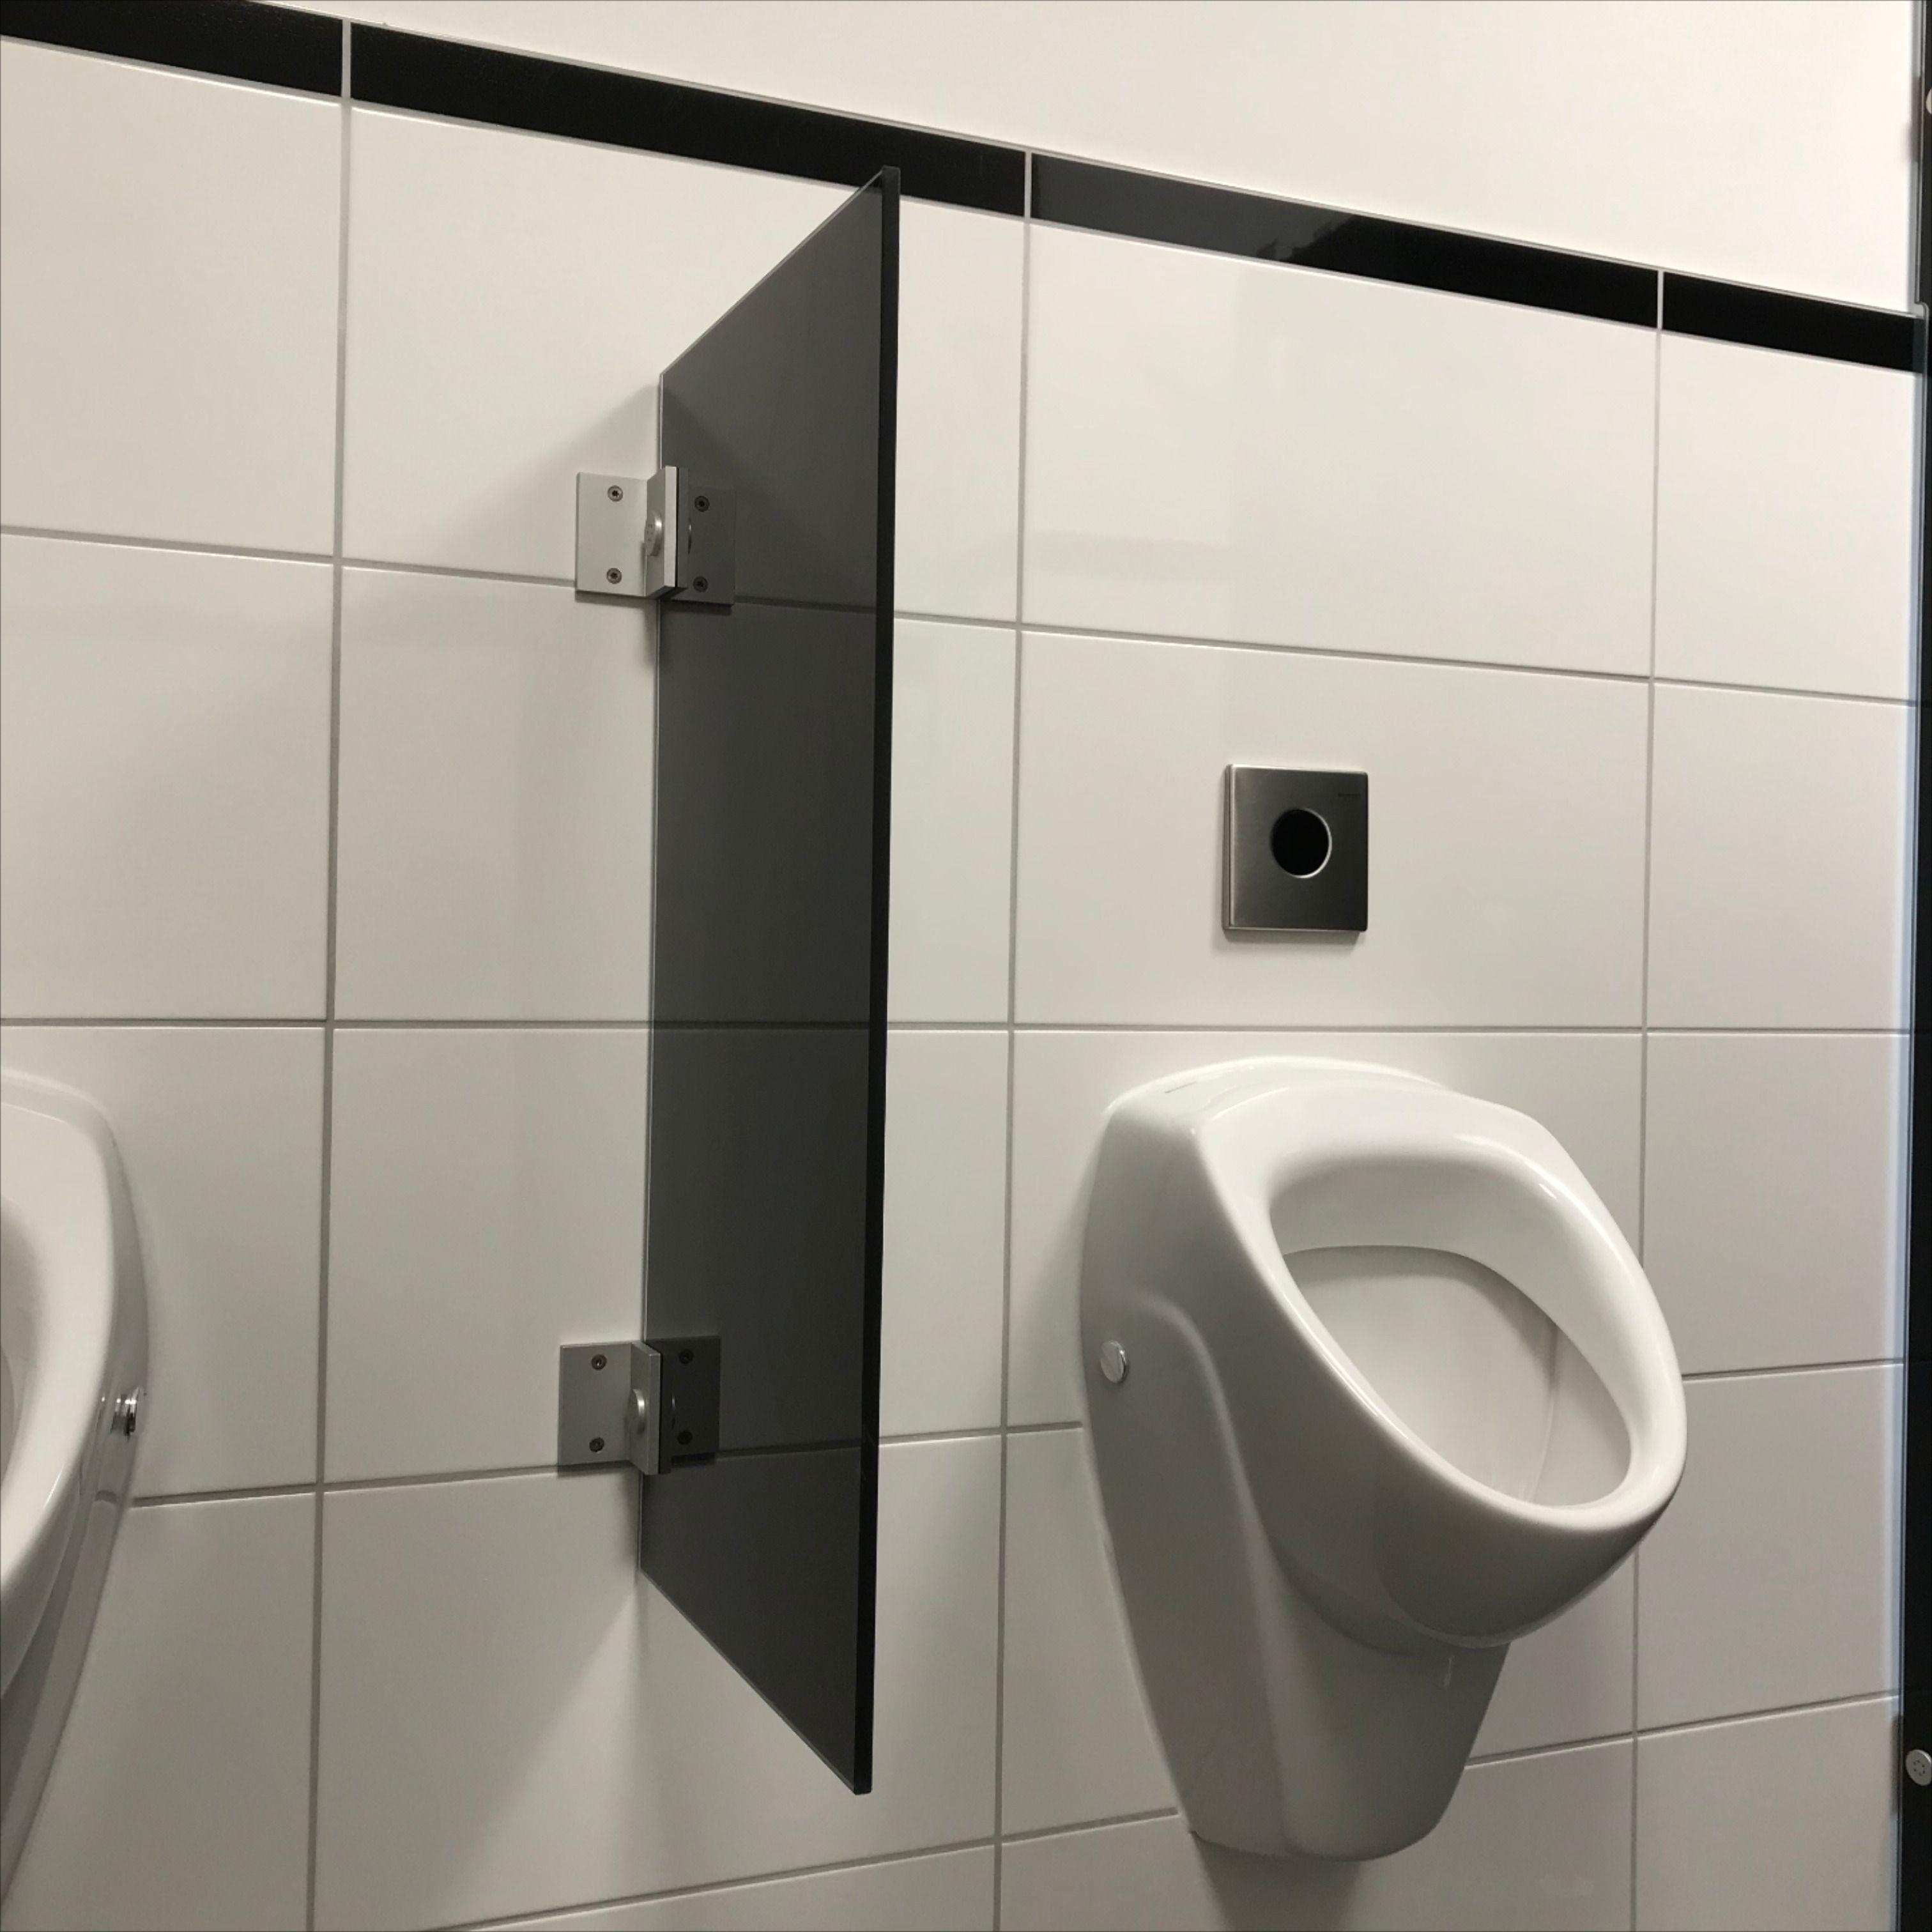 Wandhangende Schamwand In Passender Optik Aus Der Baureihe Noxx Smart In 2020 Trennwand Verwaltungsgebaude Bau